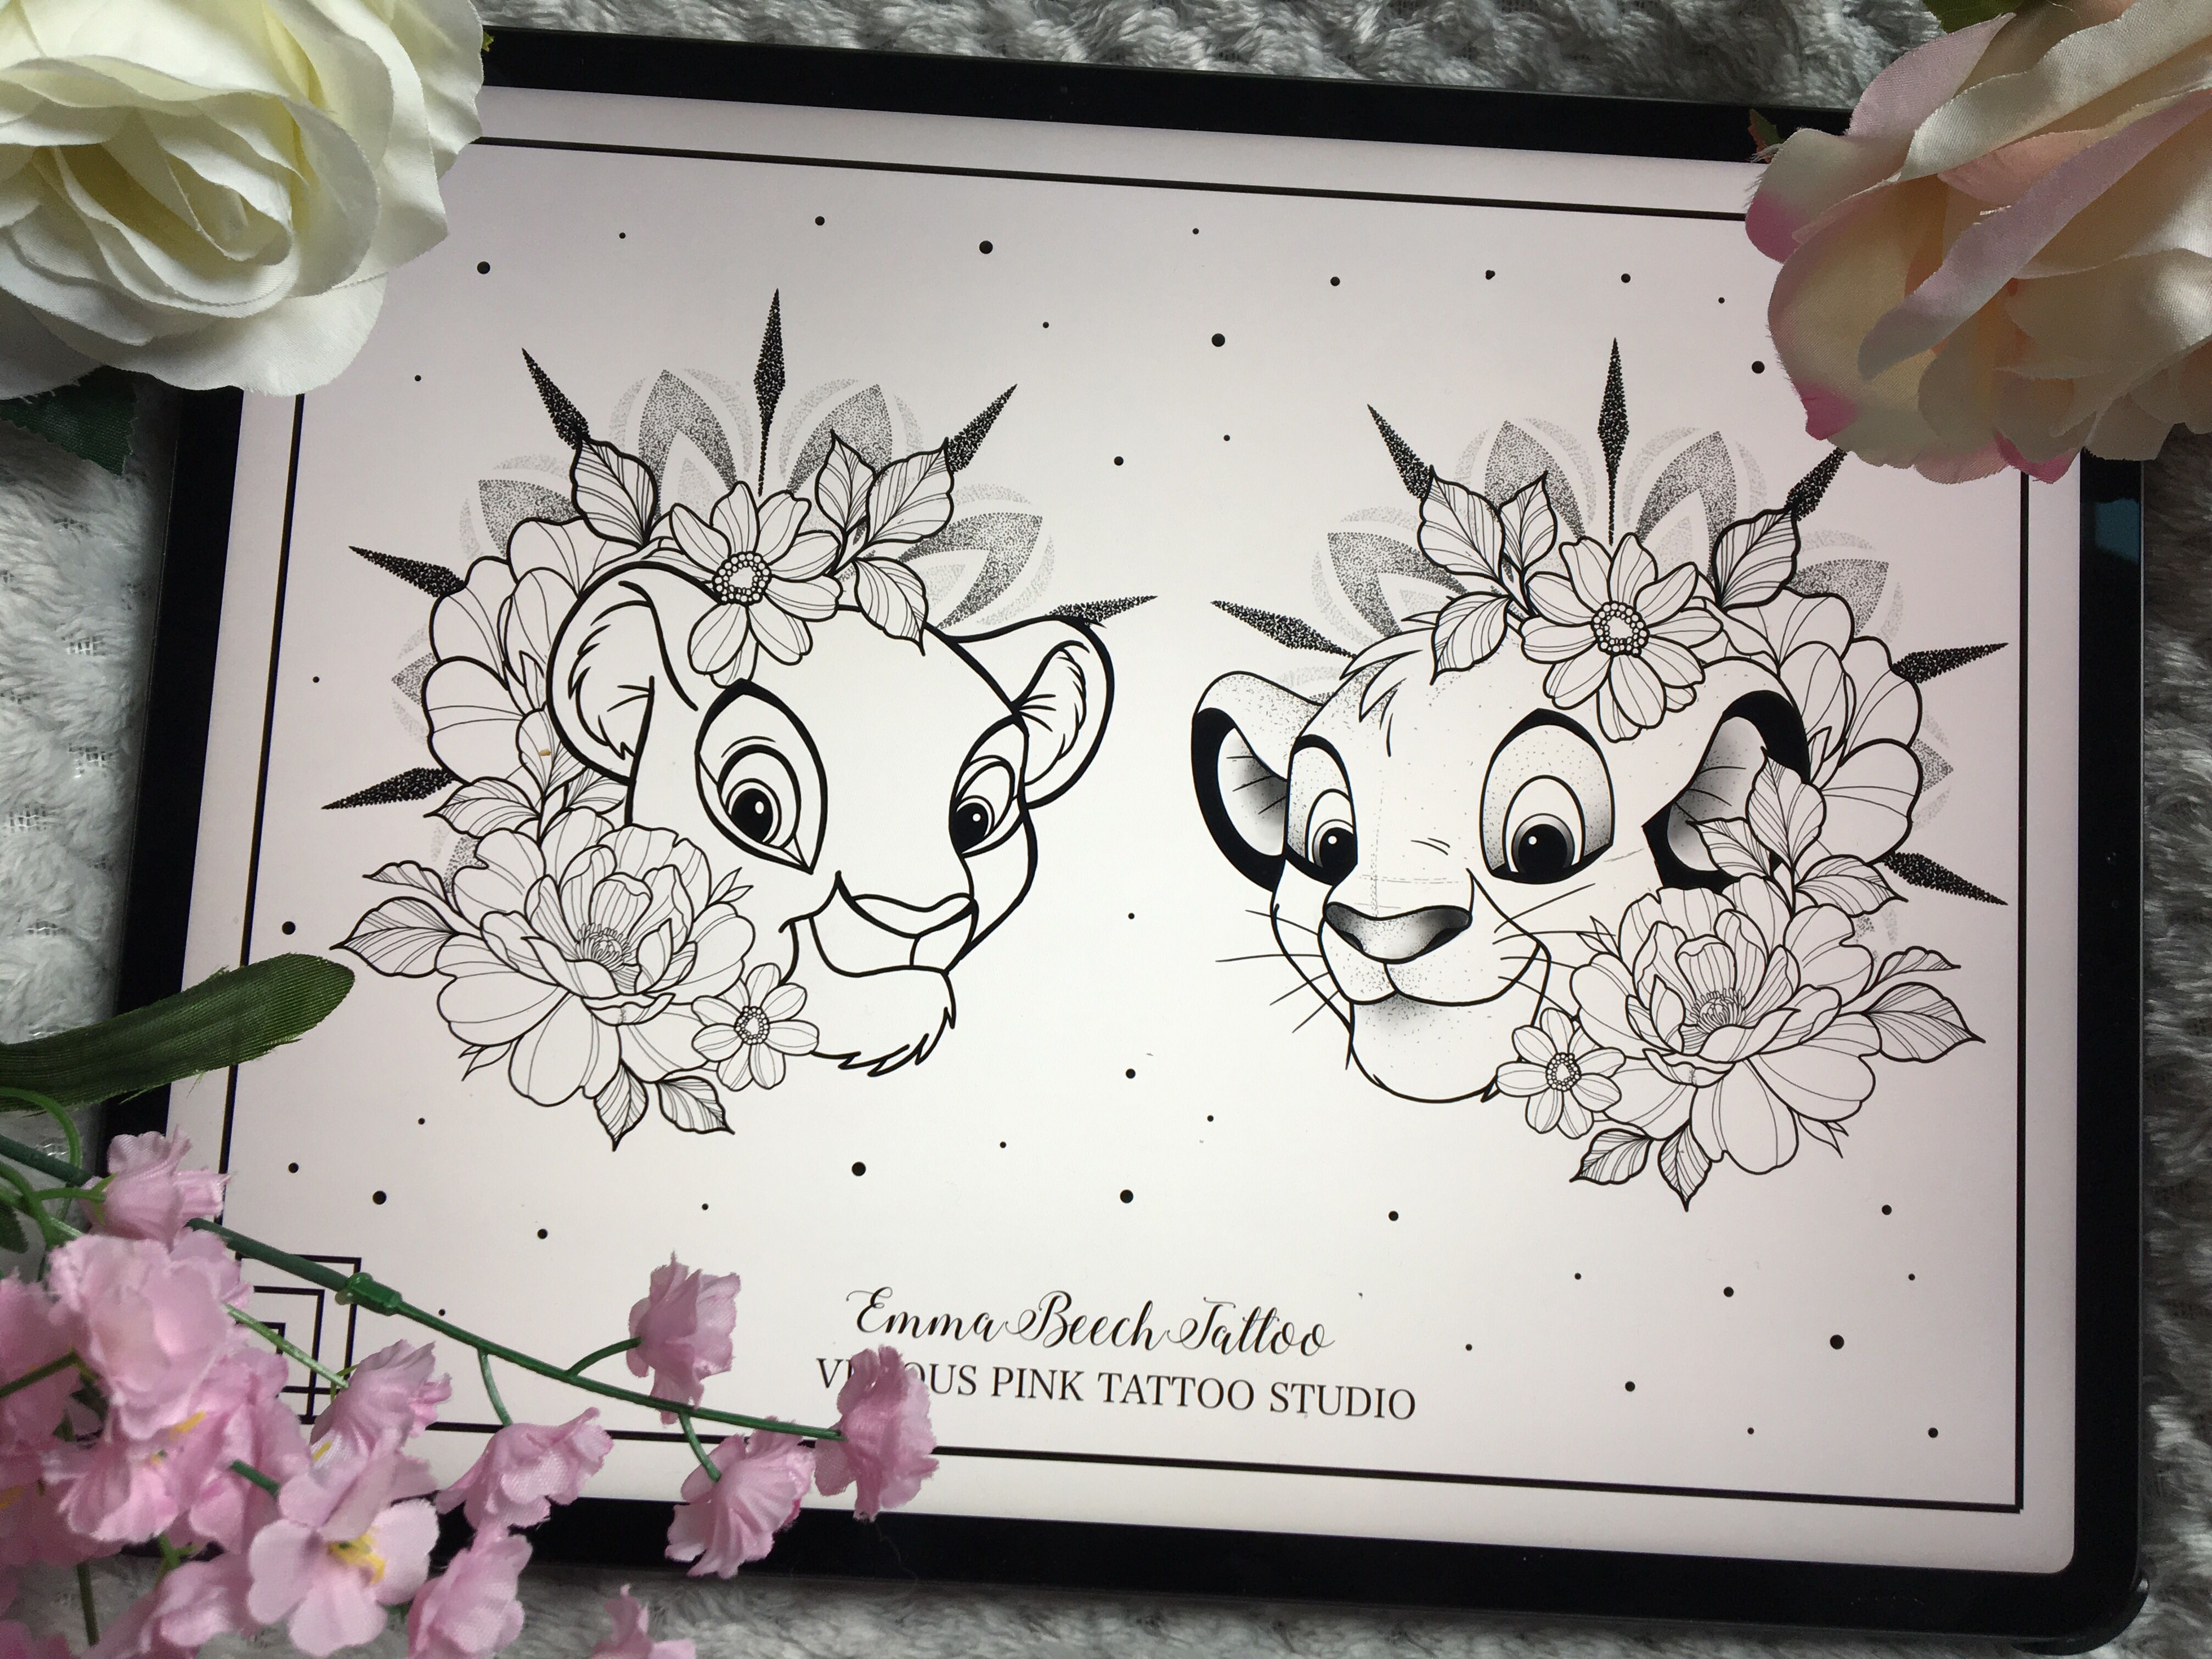 Lion King Tattoo Designs Lion King Tattoo Disney Tattoos Mandala Tattoo